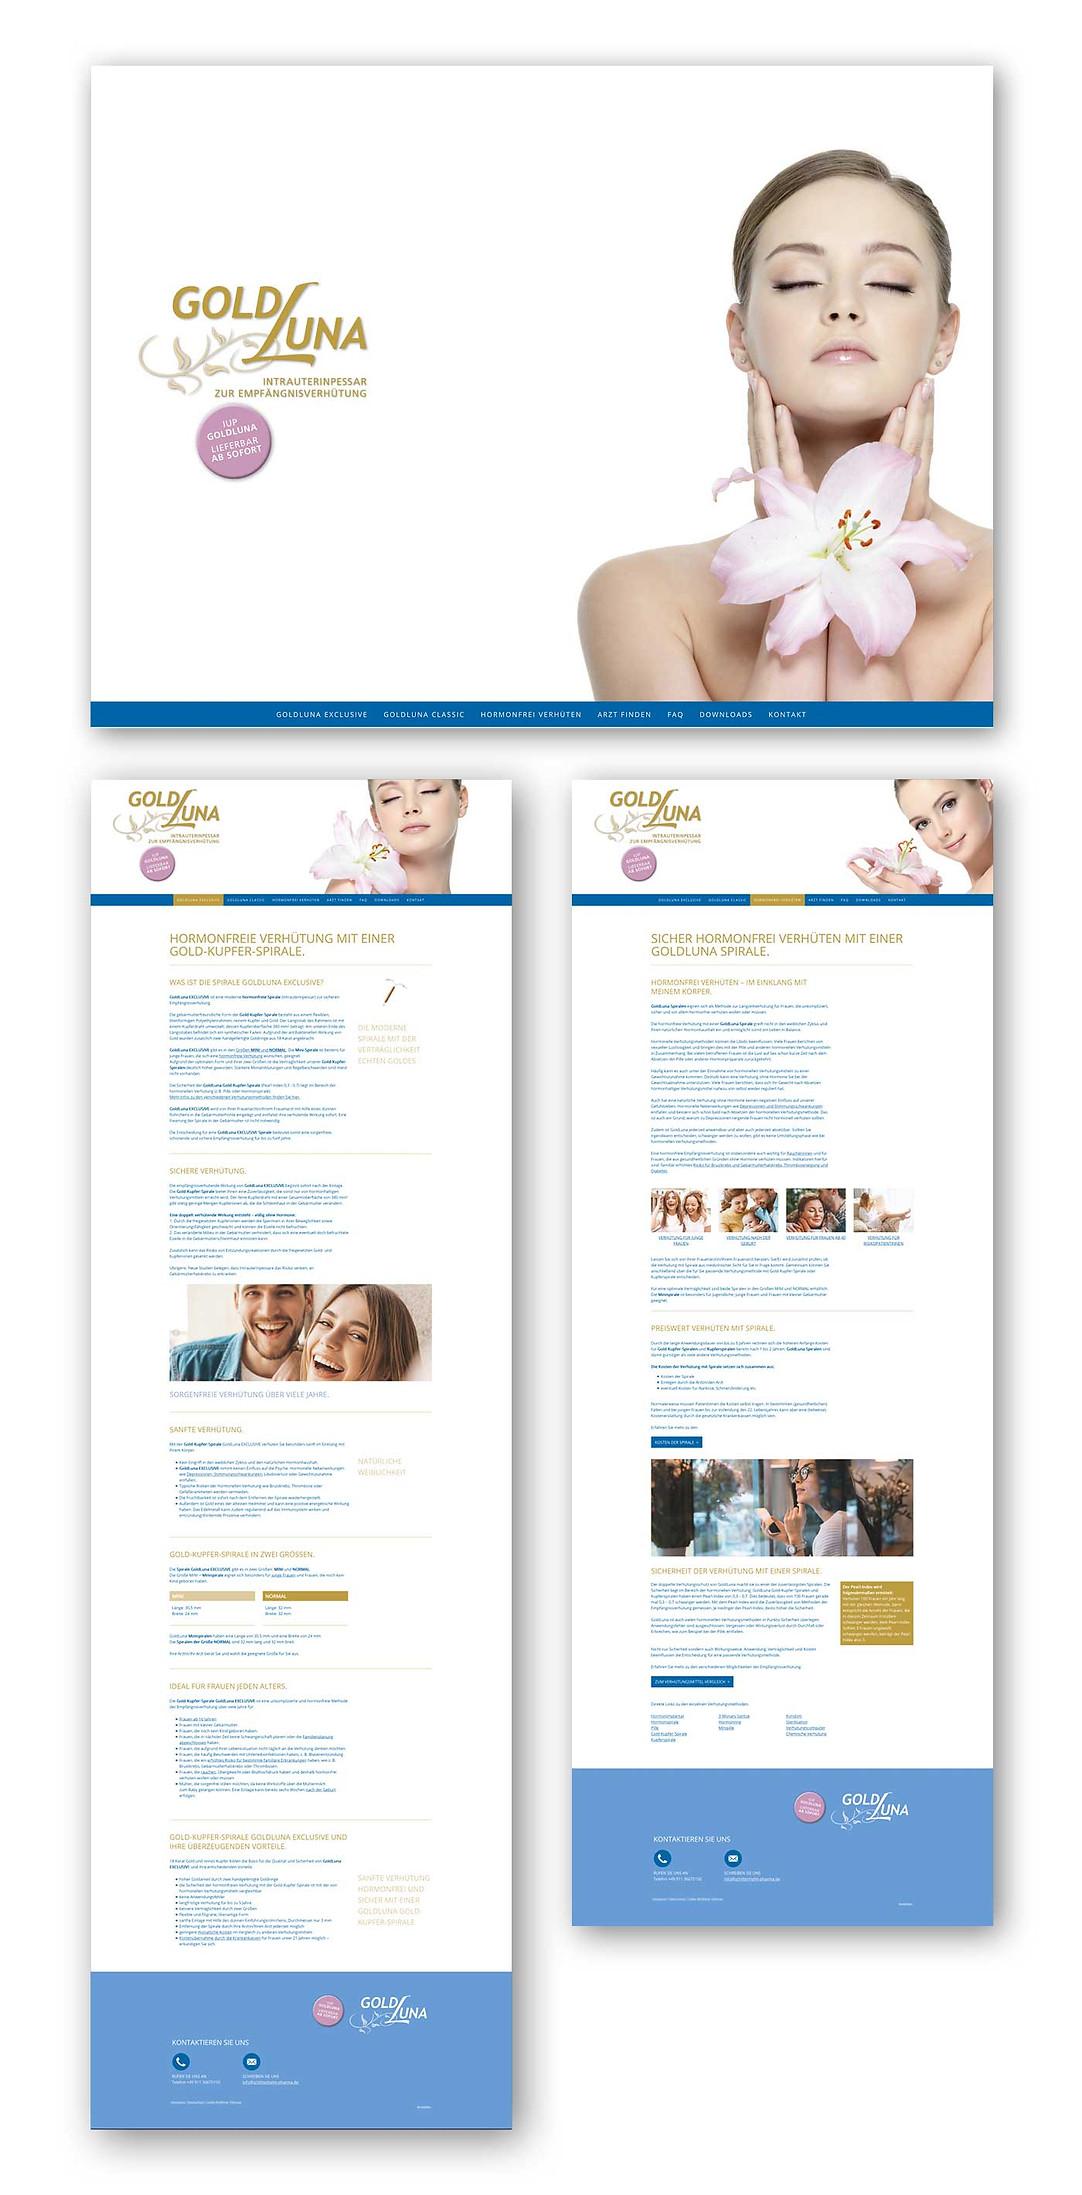 Webseiten IUB Goldluna | Gold-Kupfer-Spirale | Homepage und zwei Seiten der Hauptnavigation